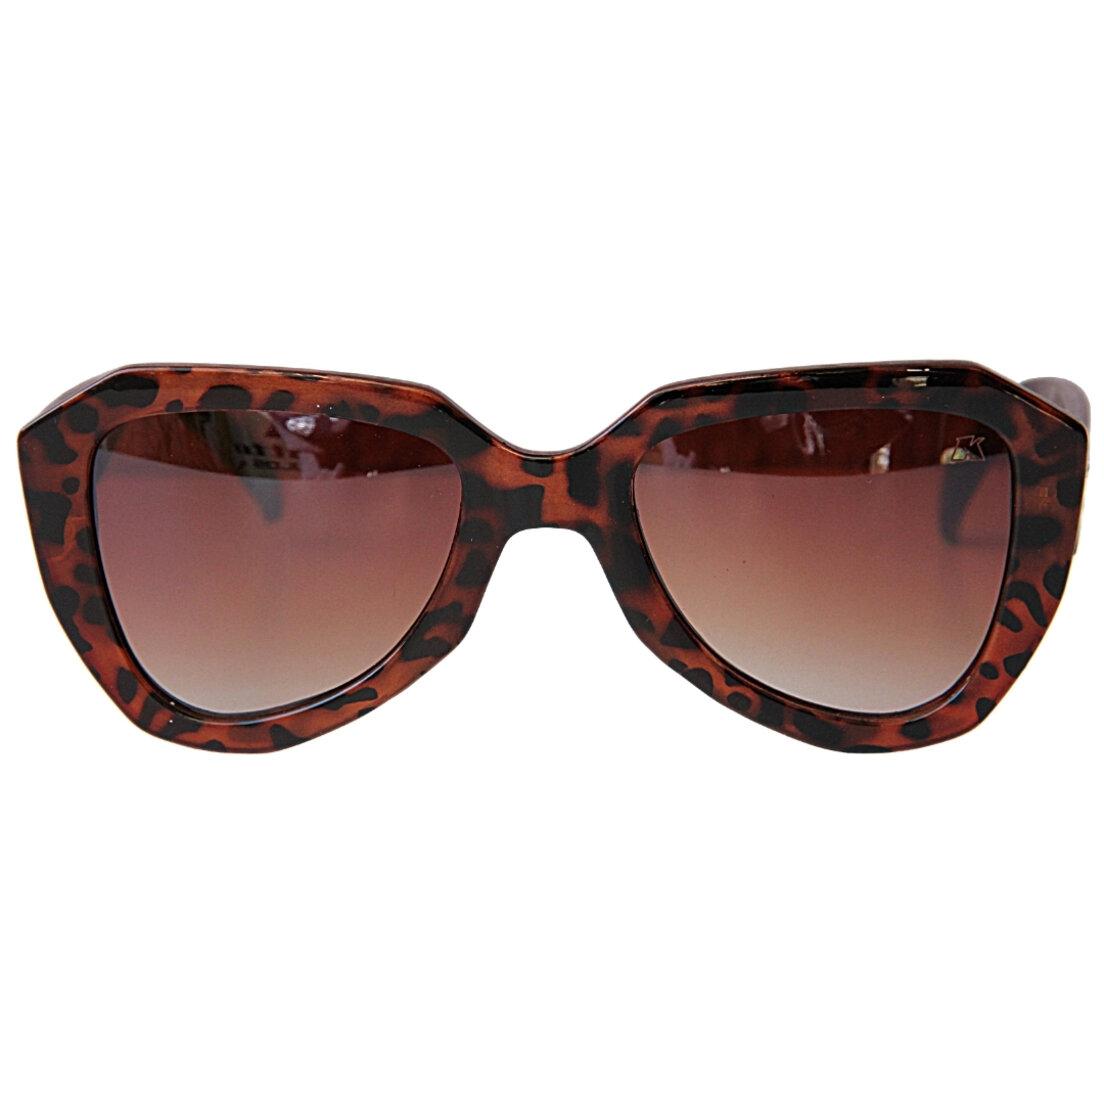 OUTLET - Óculos de Sol Khatto Retrô Poderosa - Onça